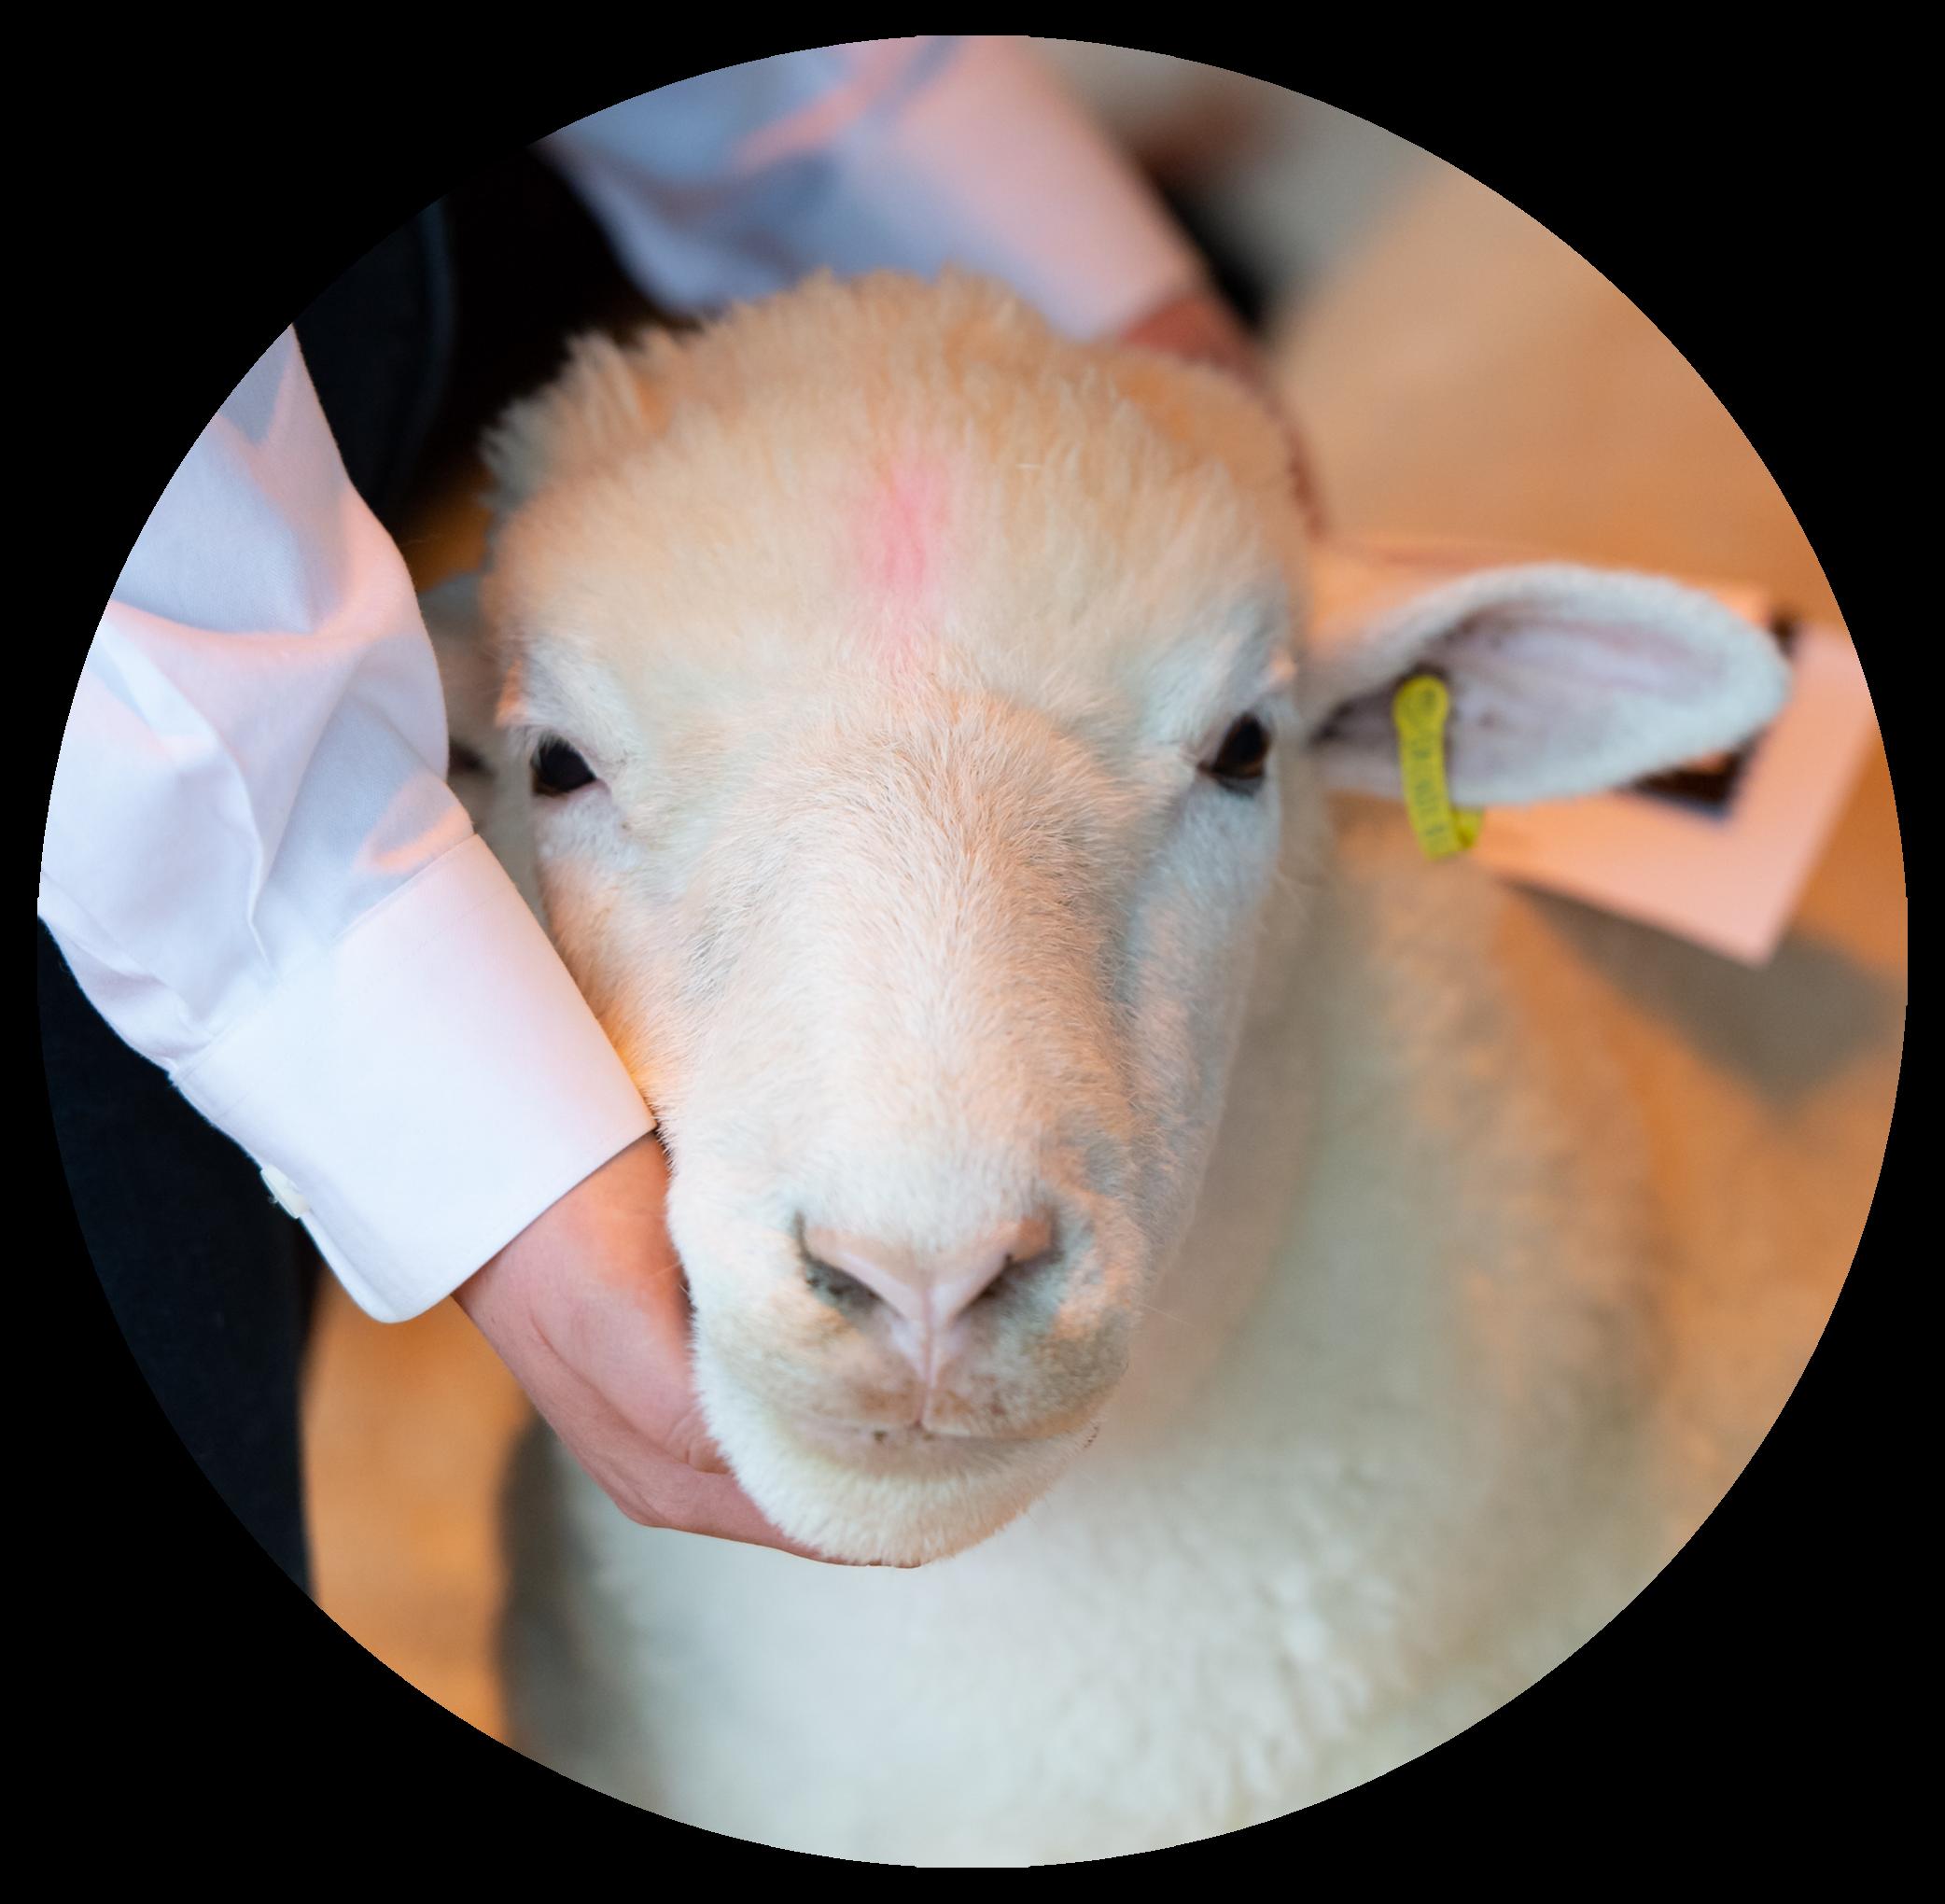 Sheep Division